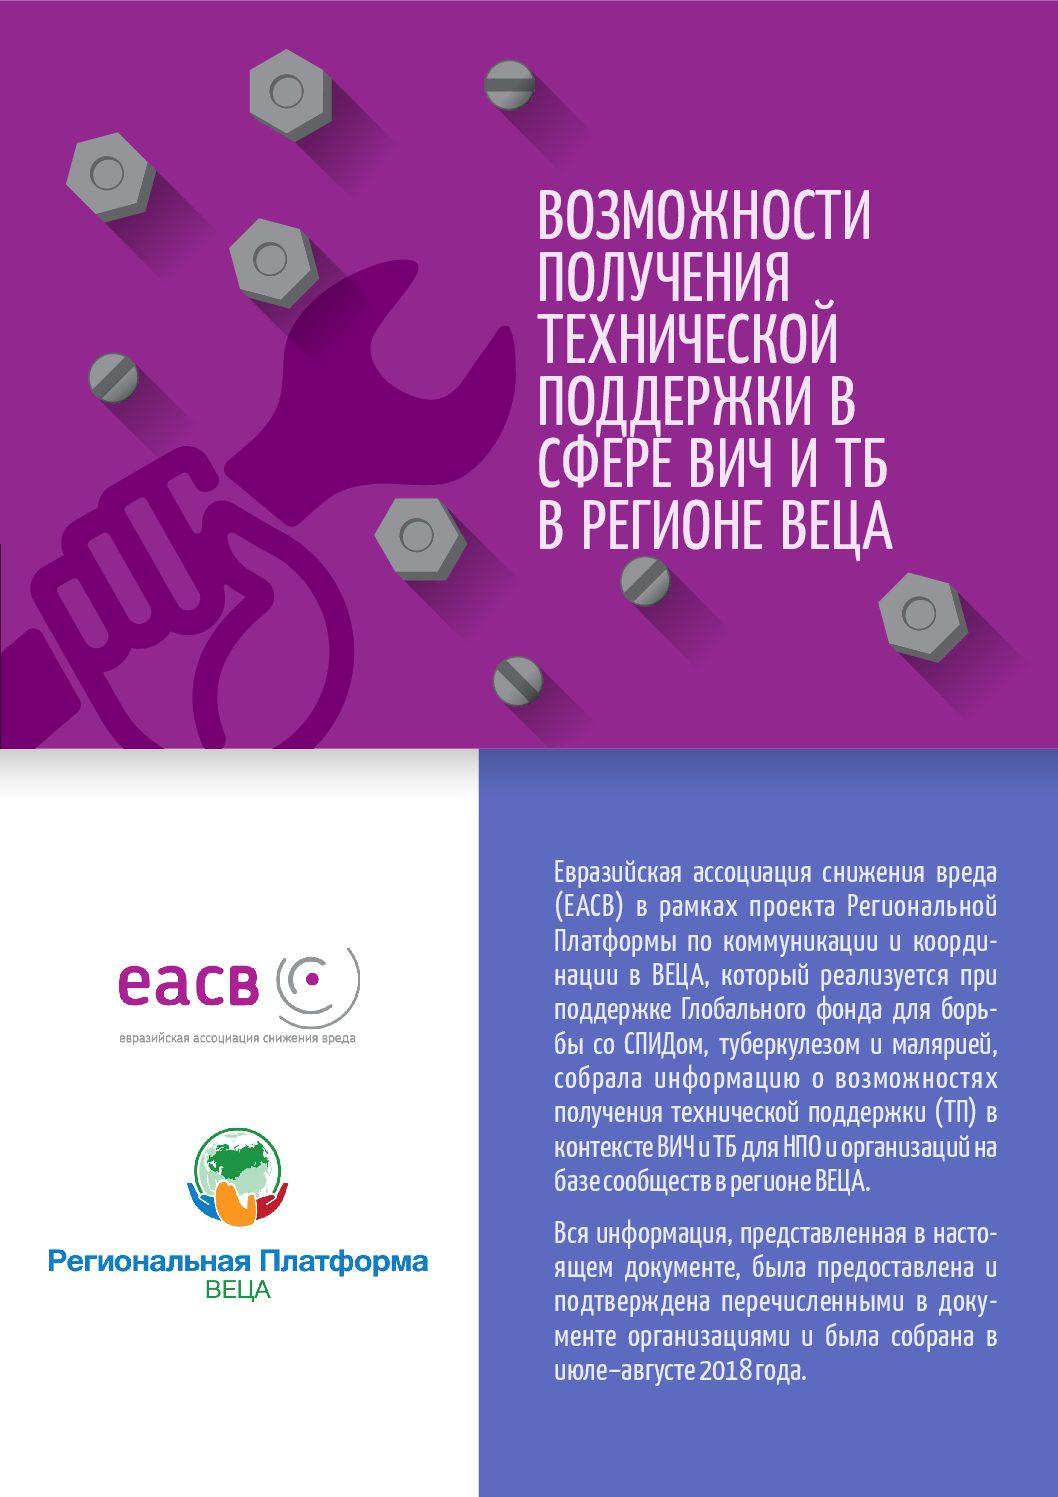 Возможности получения технической поддержки в сфере ВИЧ и ТБ в регионе ВЕЦА